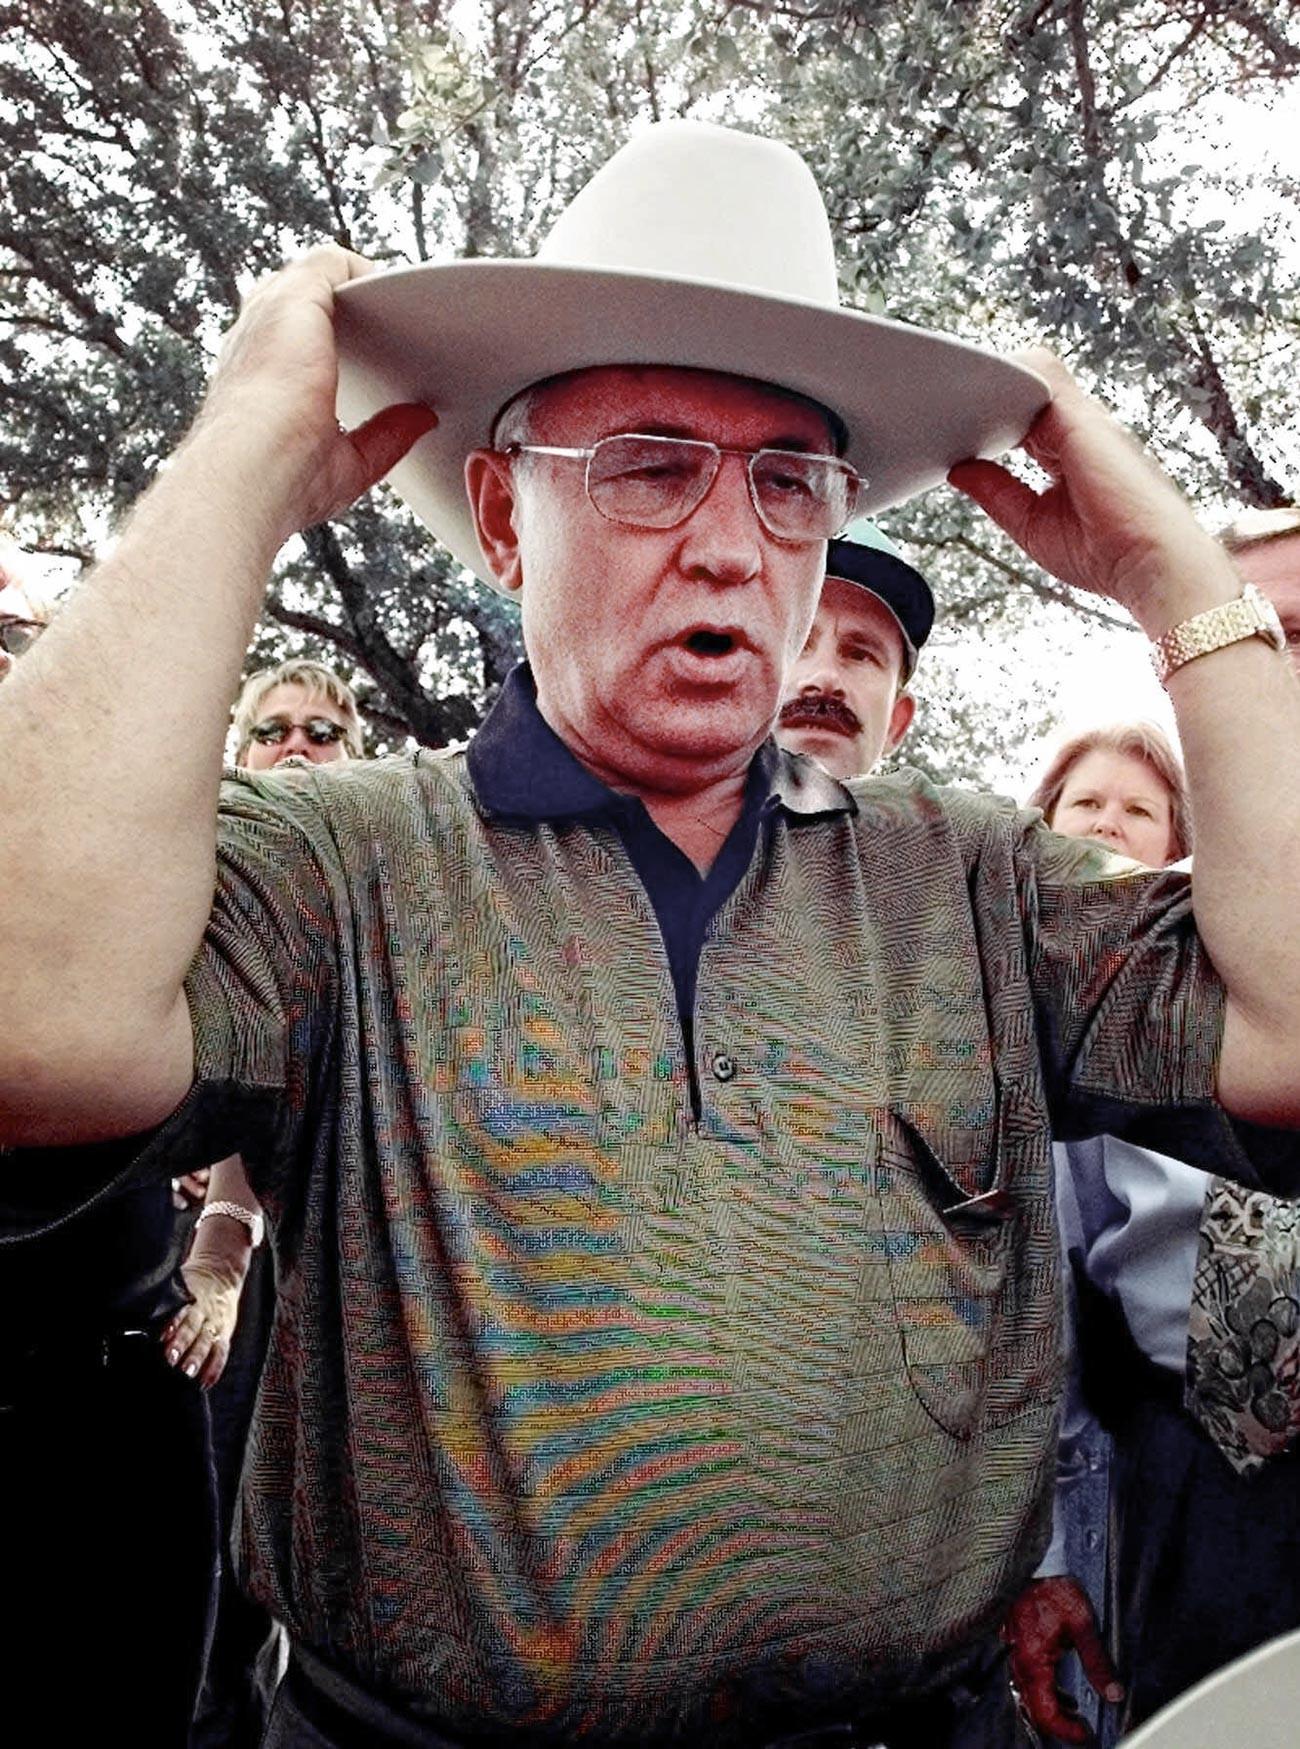 Gorbatschow mit Cowboyhut während seines Besuchs in Dallas 1998